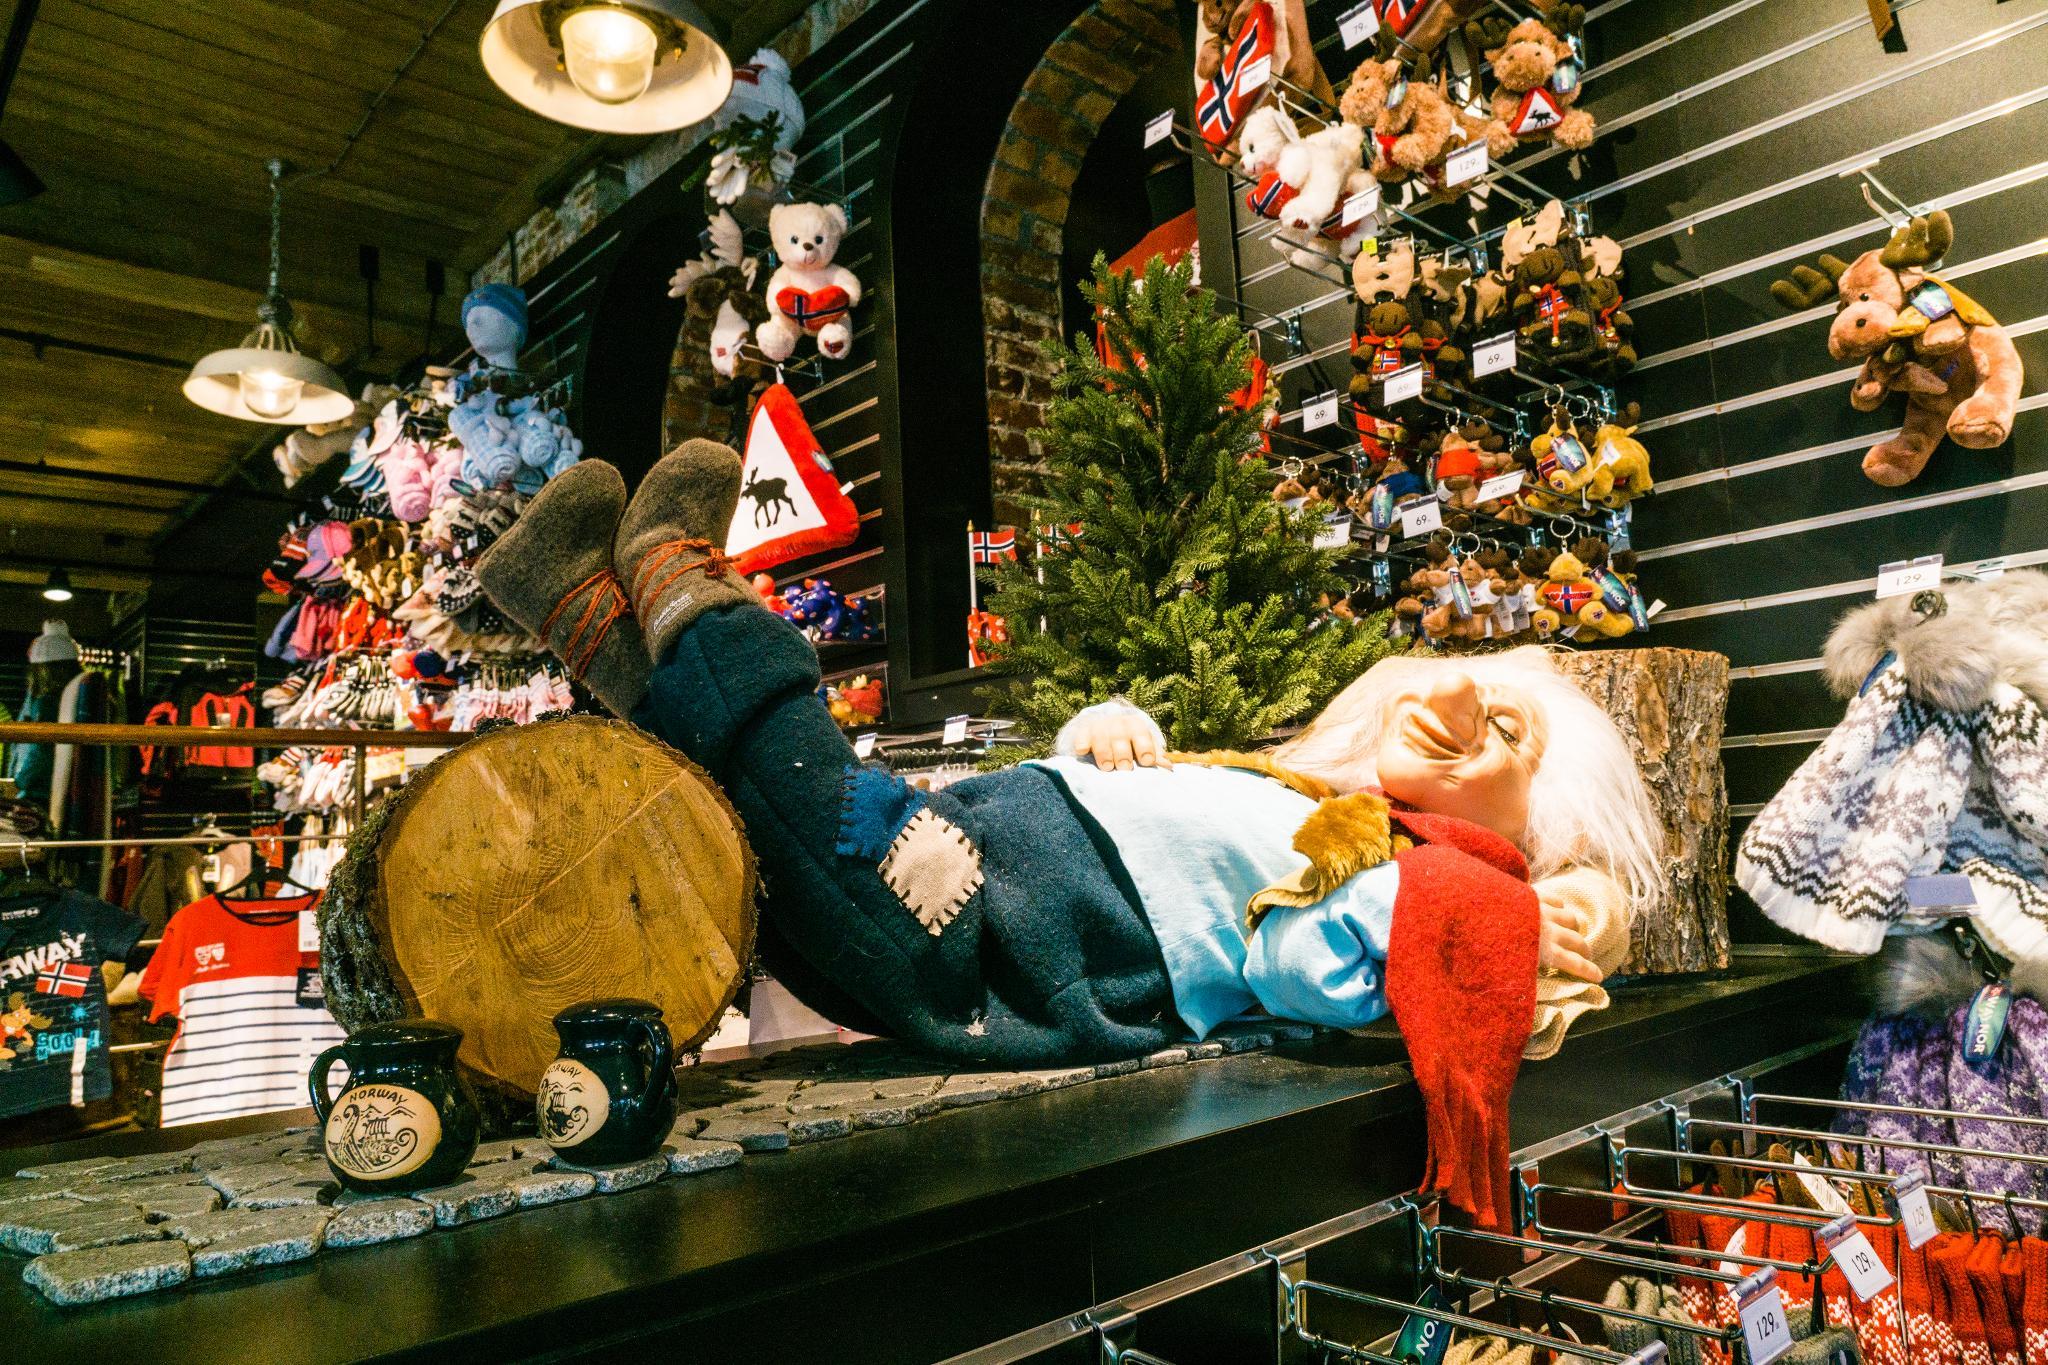 【卑爾根】Bryggen 世界遺產布呂根 — 迷失在百年歷史的挪威彩色木屋 31